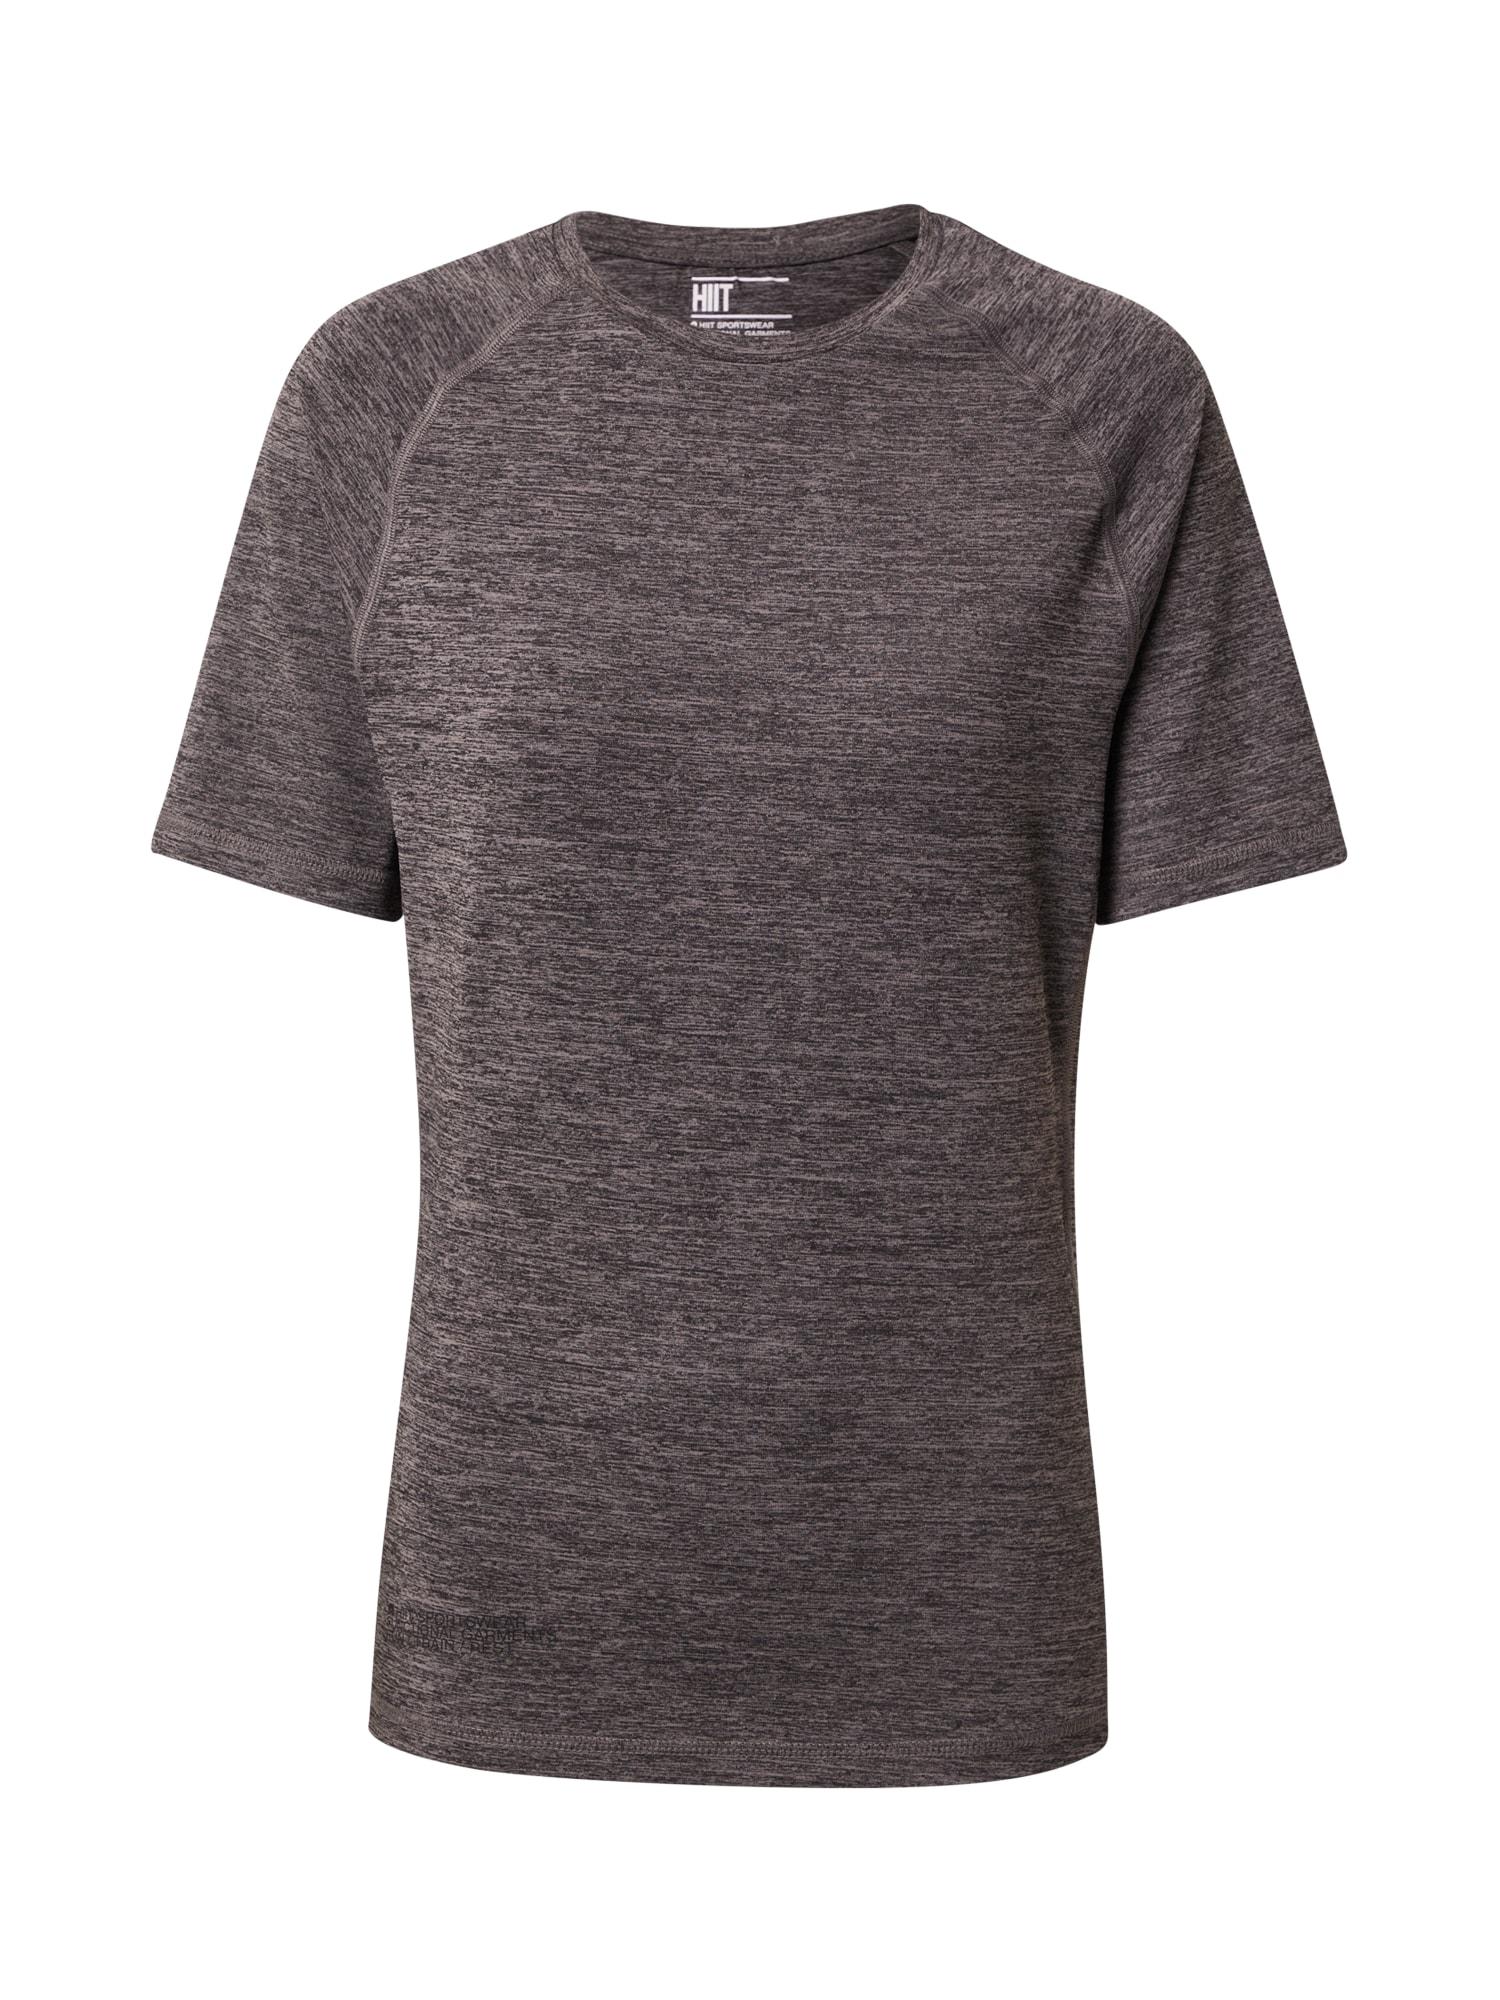 HIIT Sportiniai marškinėliai juoda